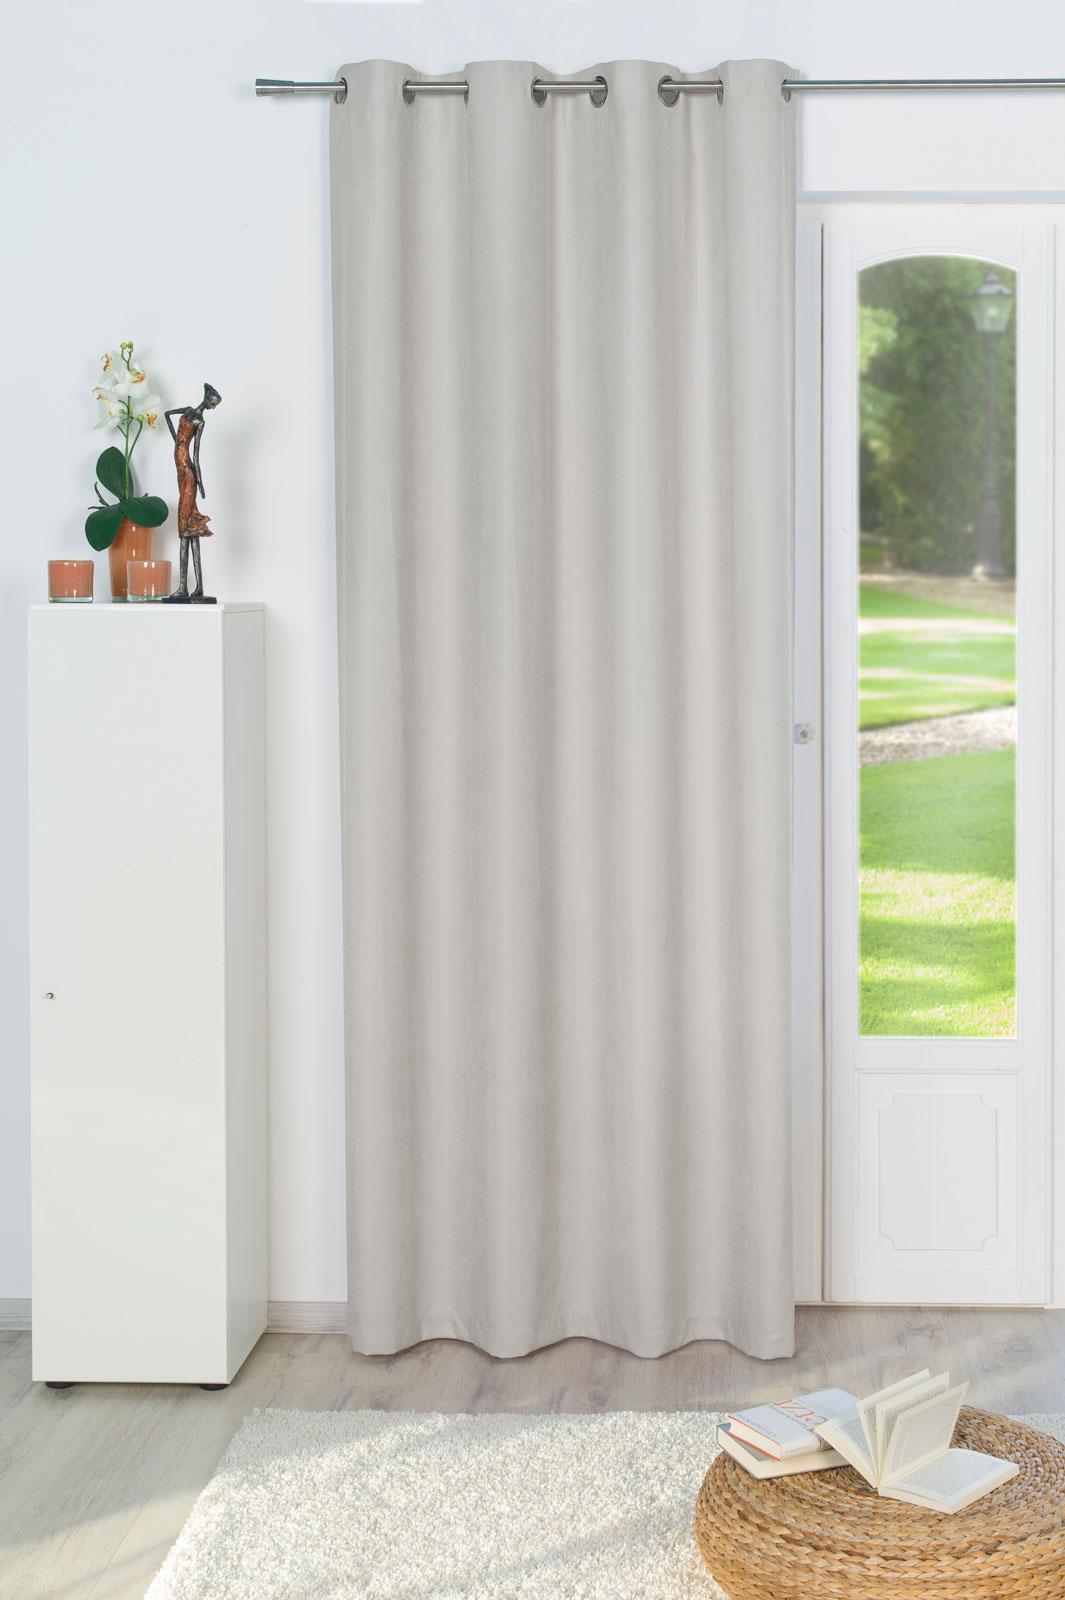 Gardinen und Vorhänge - Ösenschal Vorhang Gardine Feincorde BLICKDICHT 135 x 245cm Tim hellgrau  - Onlineshop PremiumShop321